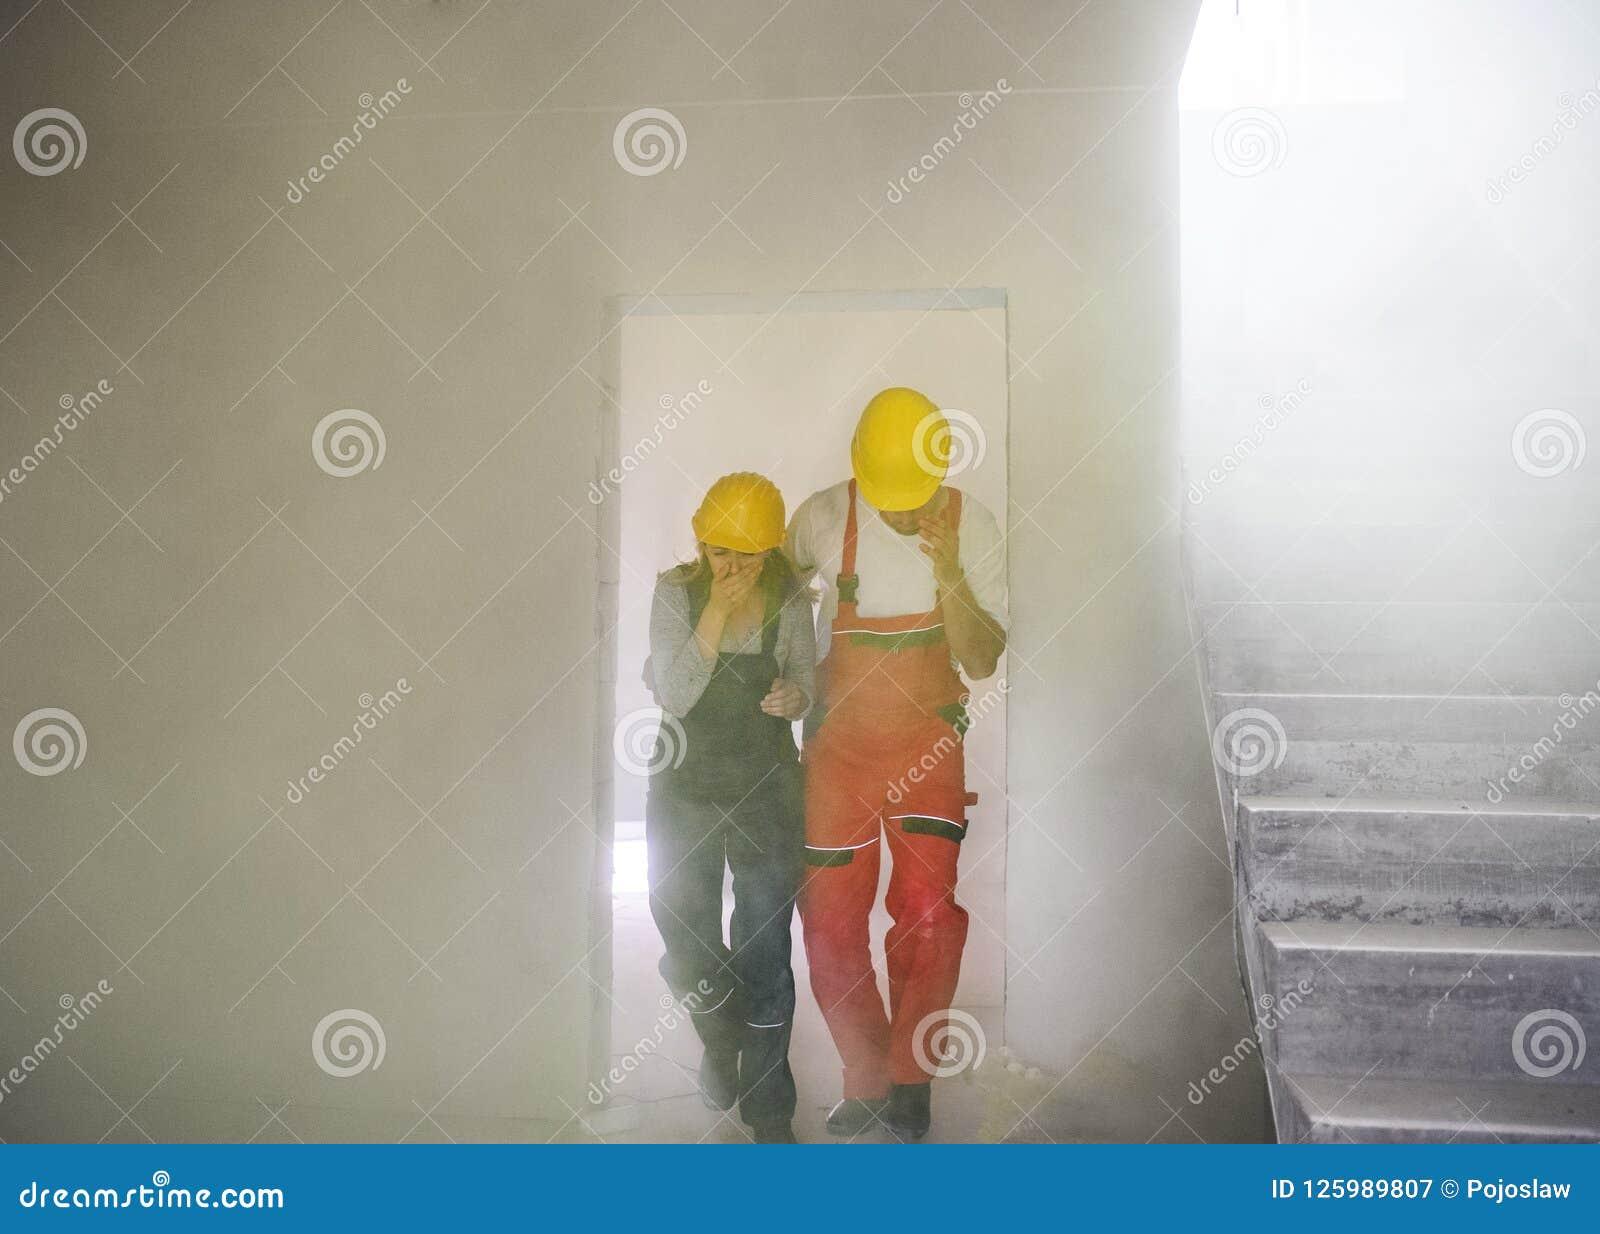 Trabajadores De La Mujer Y Del Hombre Que Sofocan En El Emplazamiento De La Obra Imagen De Archivo Imagen De Mujer Emplazamiento 125989807